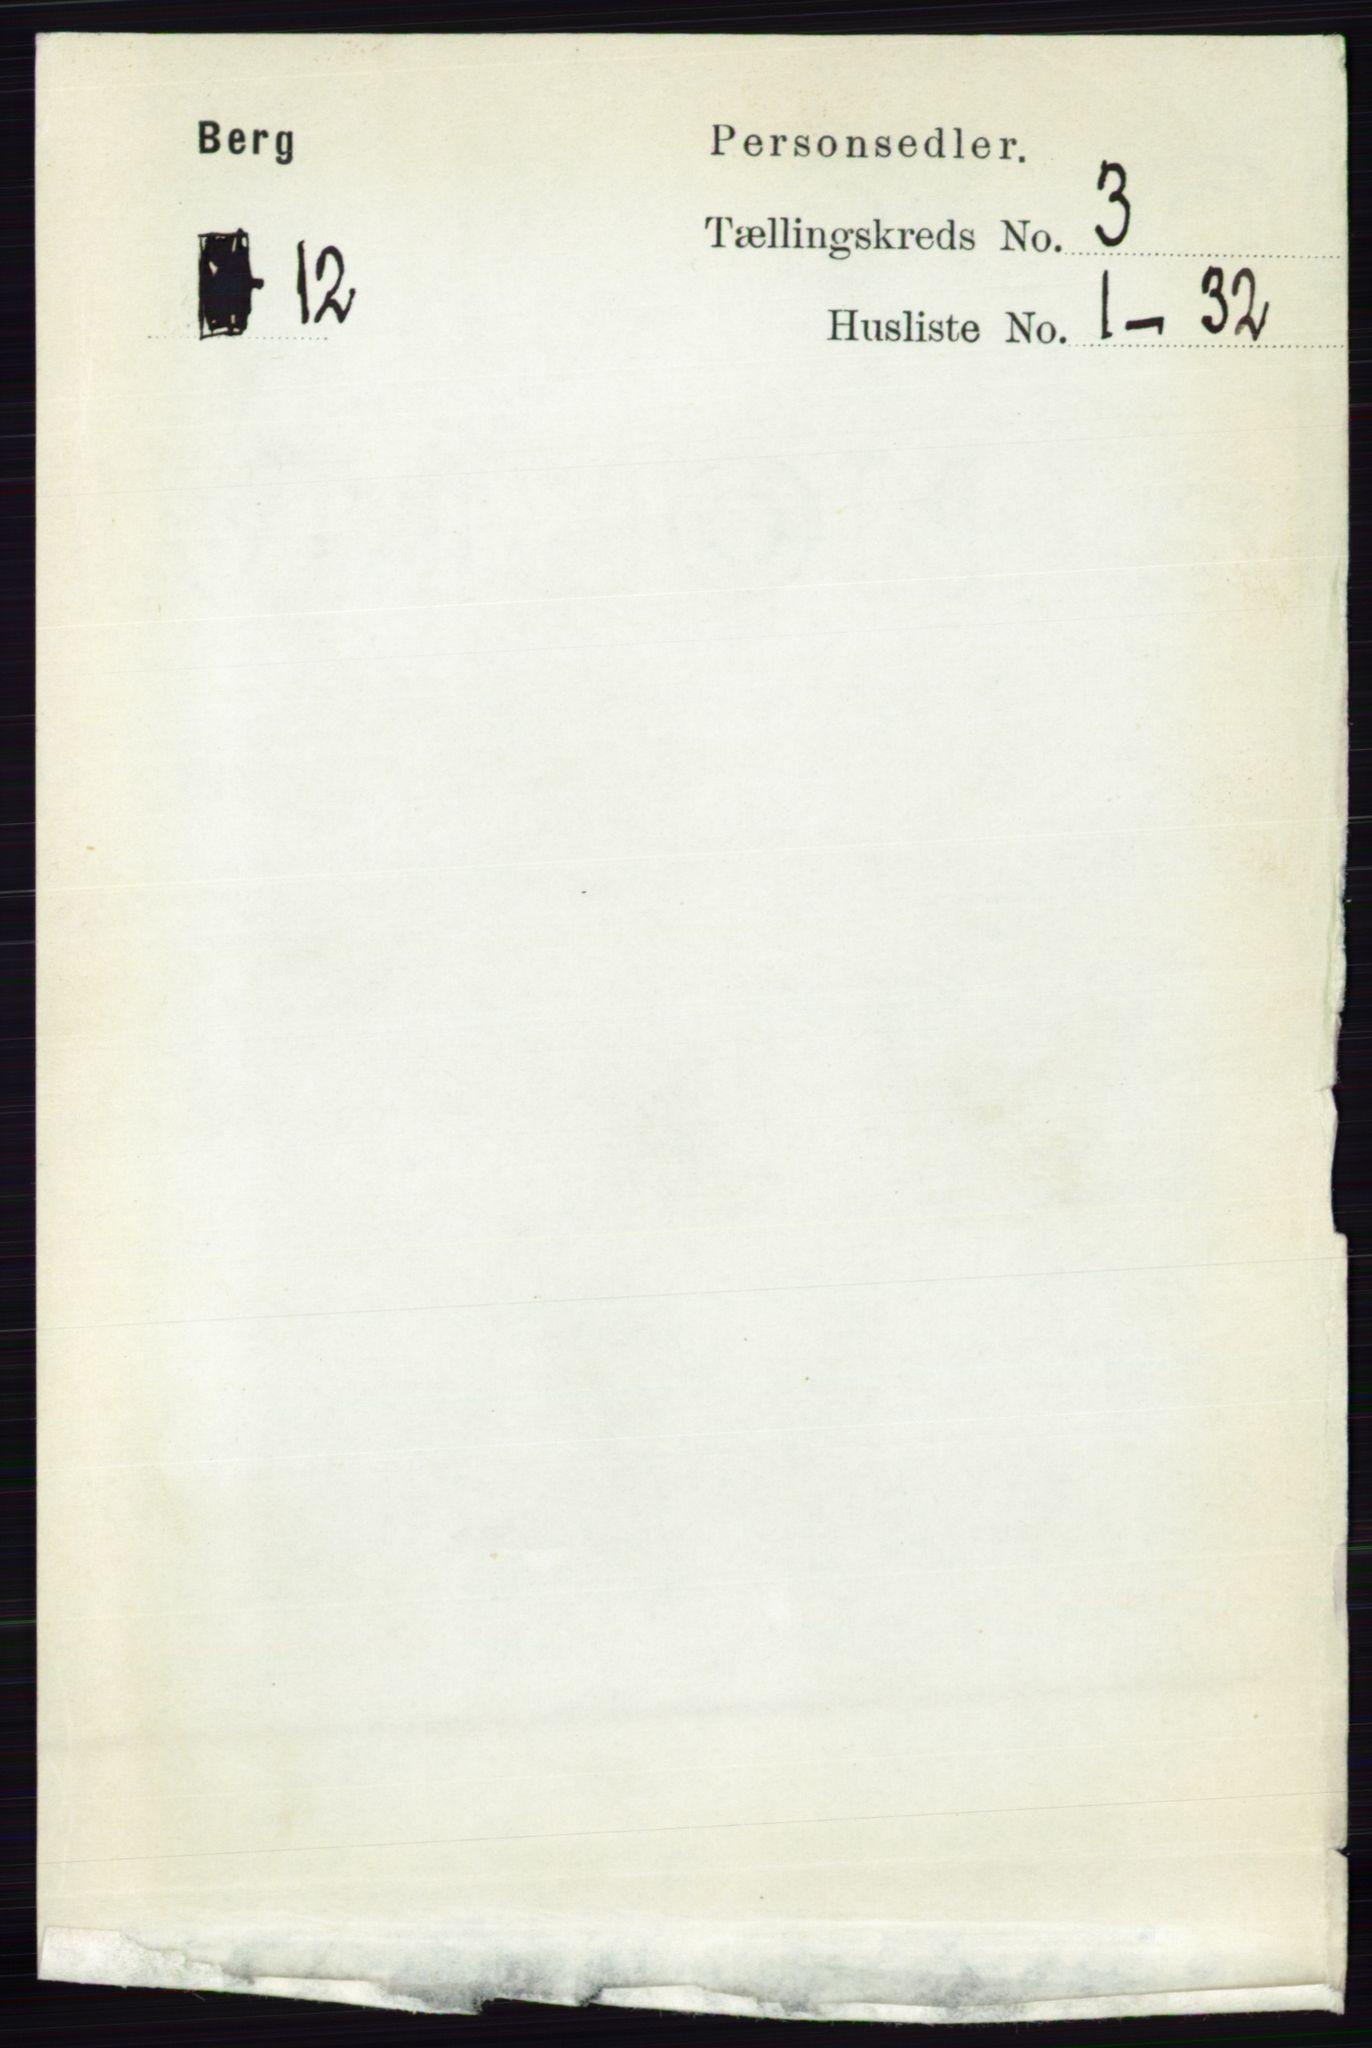 RA, Folketelling 1891 for 0116 Berg herred, 1891, s. 1887